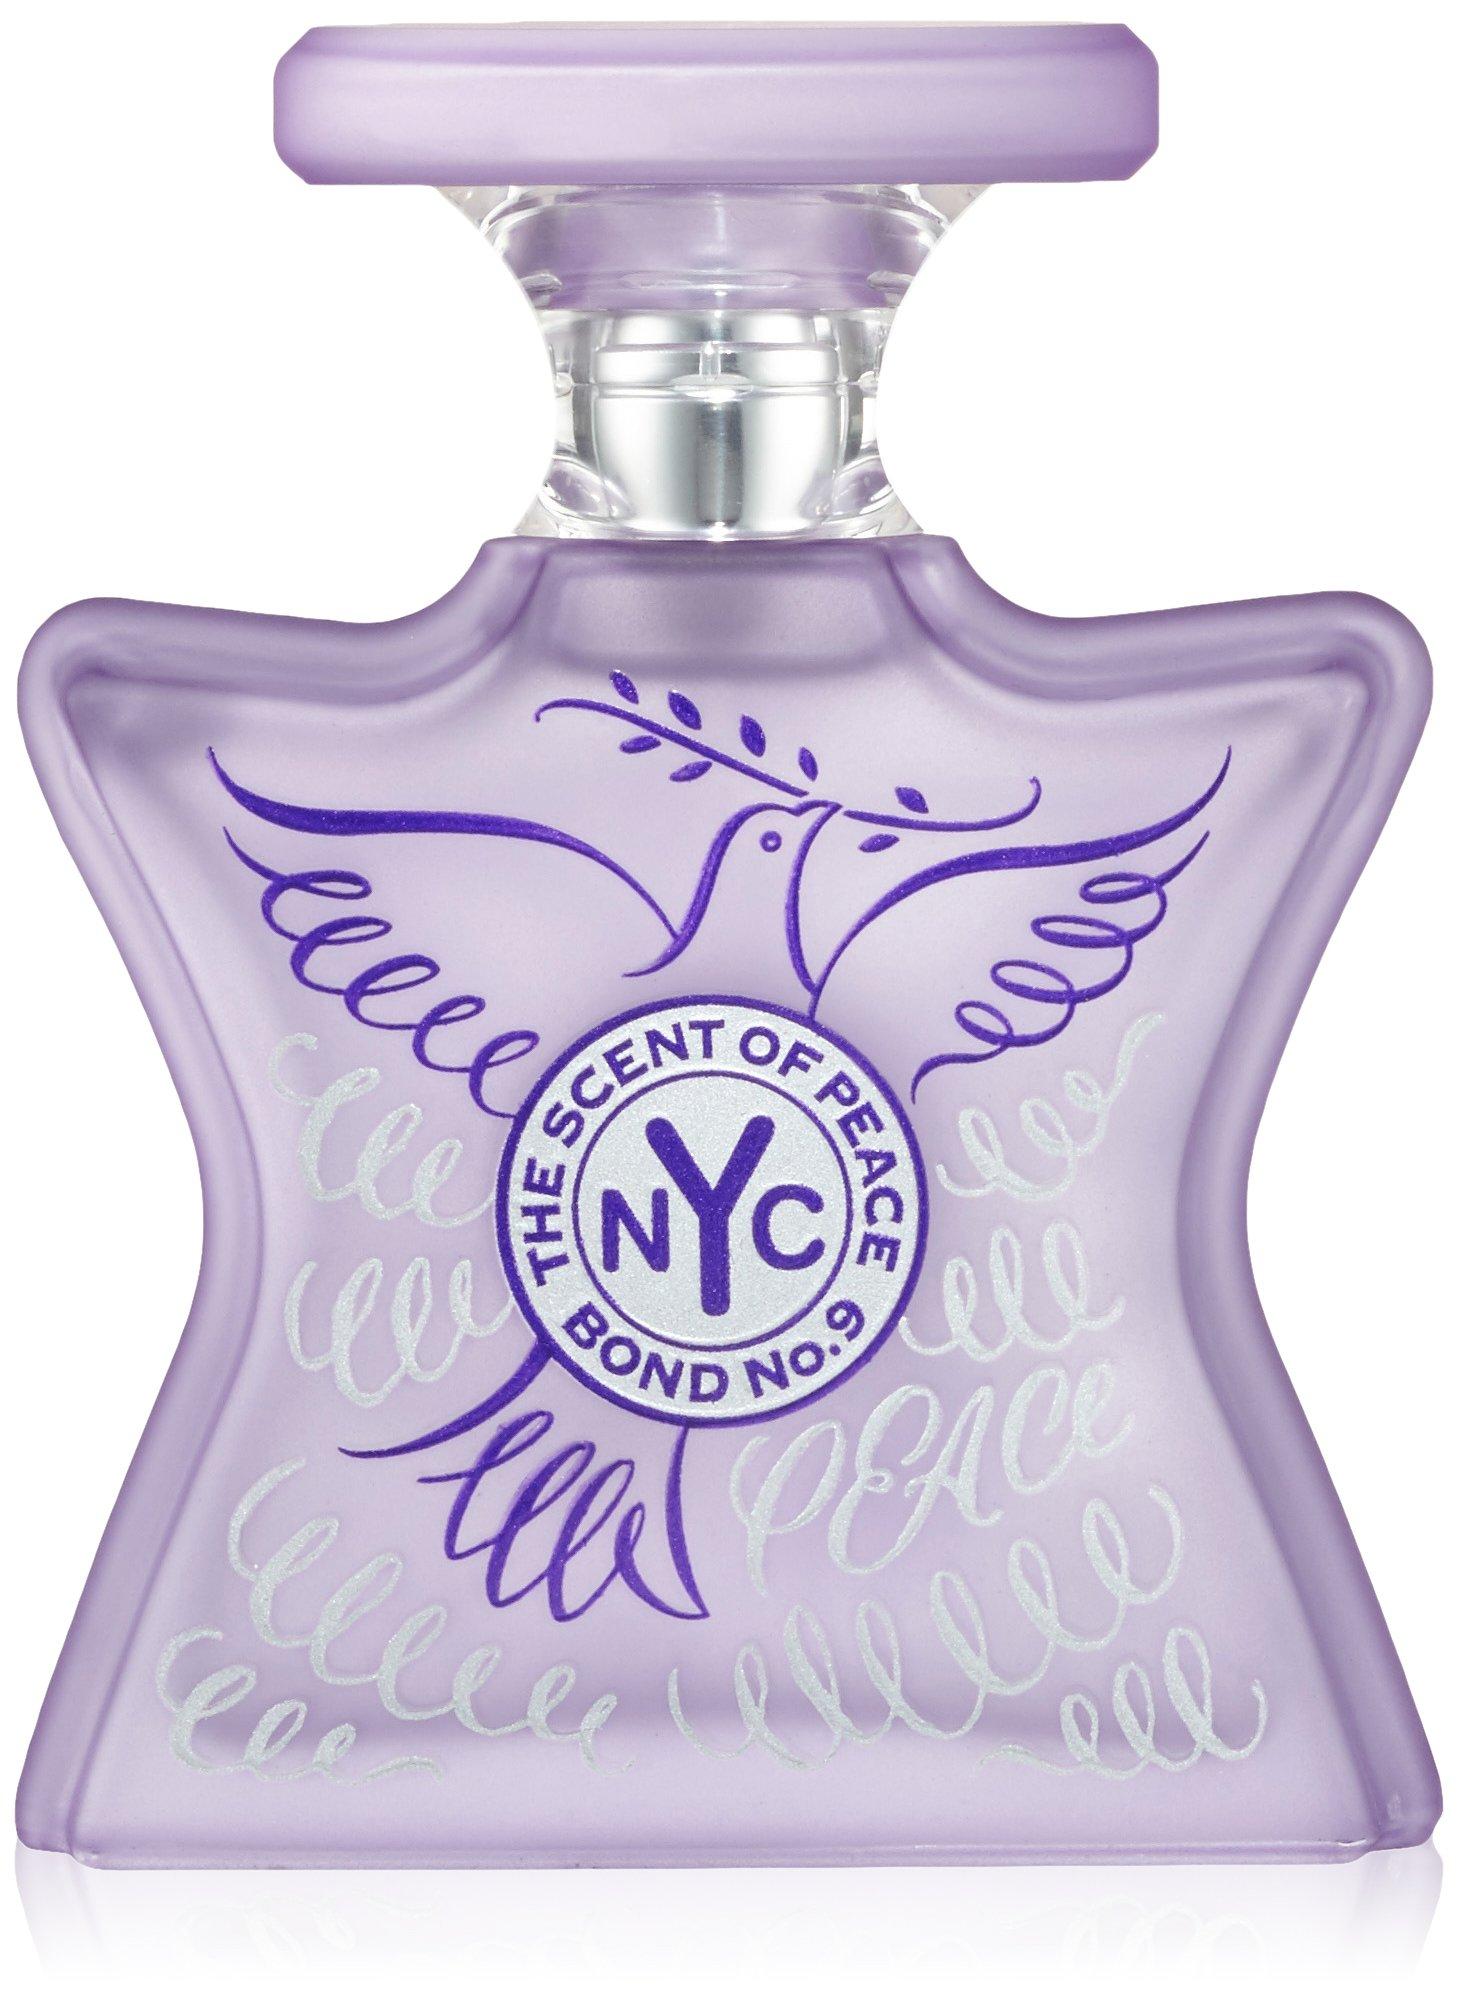 Bond No. 9 - The Scent of Peace Eau De Parfum Spray - 50ml/1.7oz